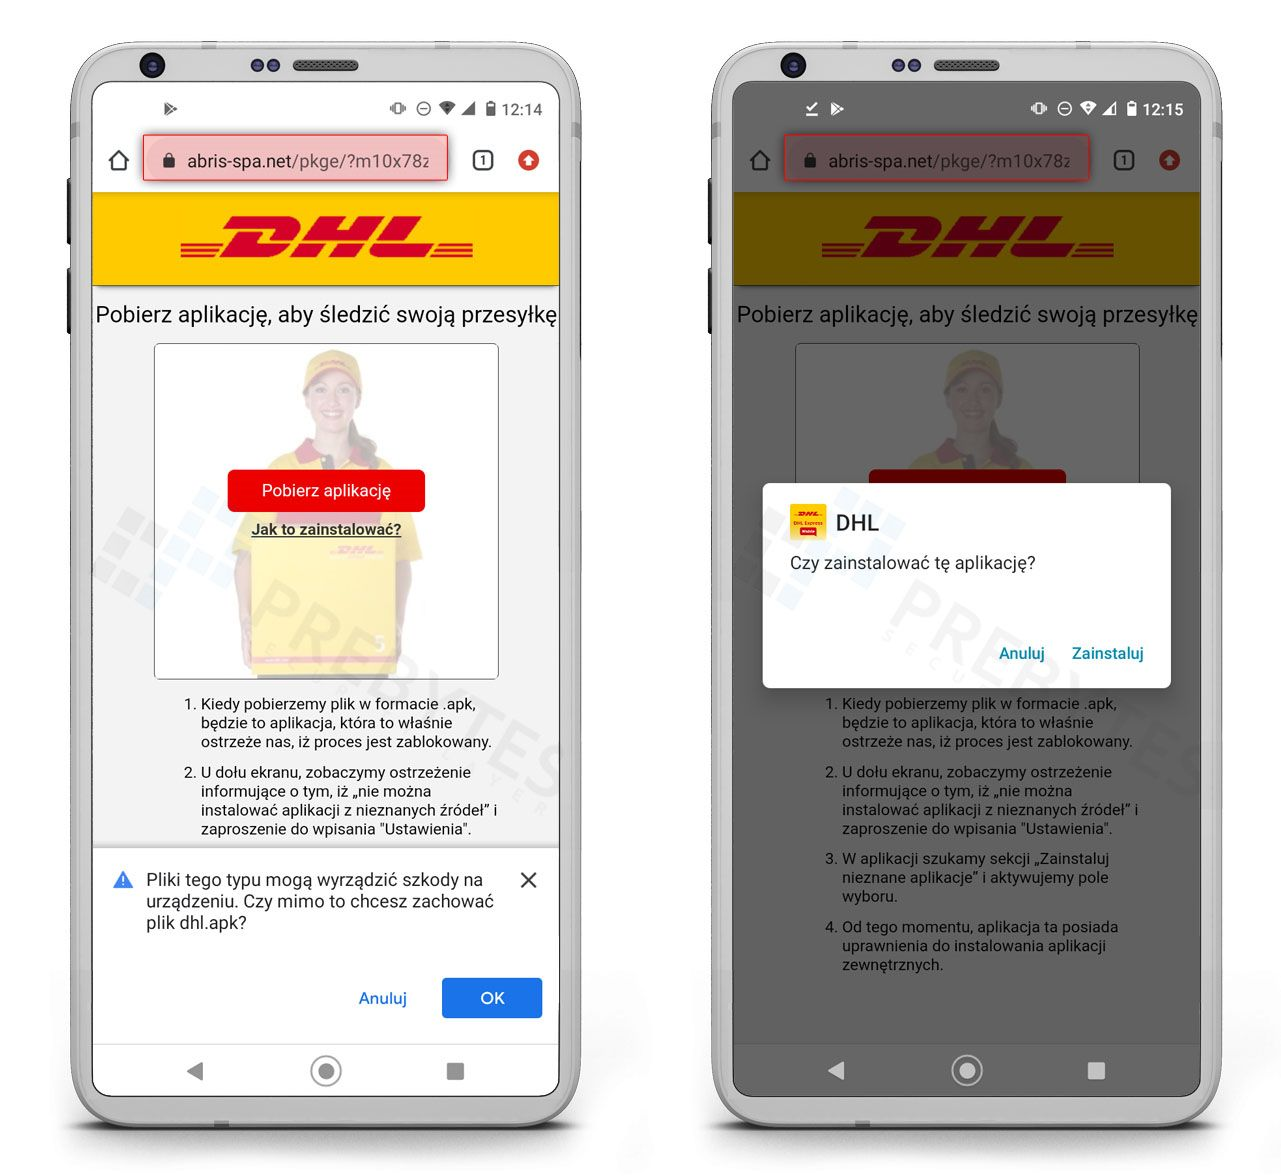 Fałszywa aplikacja DHL